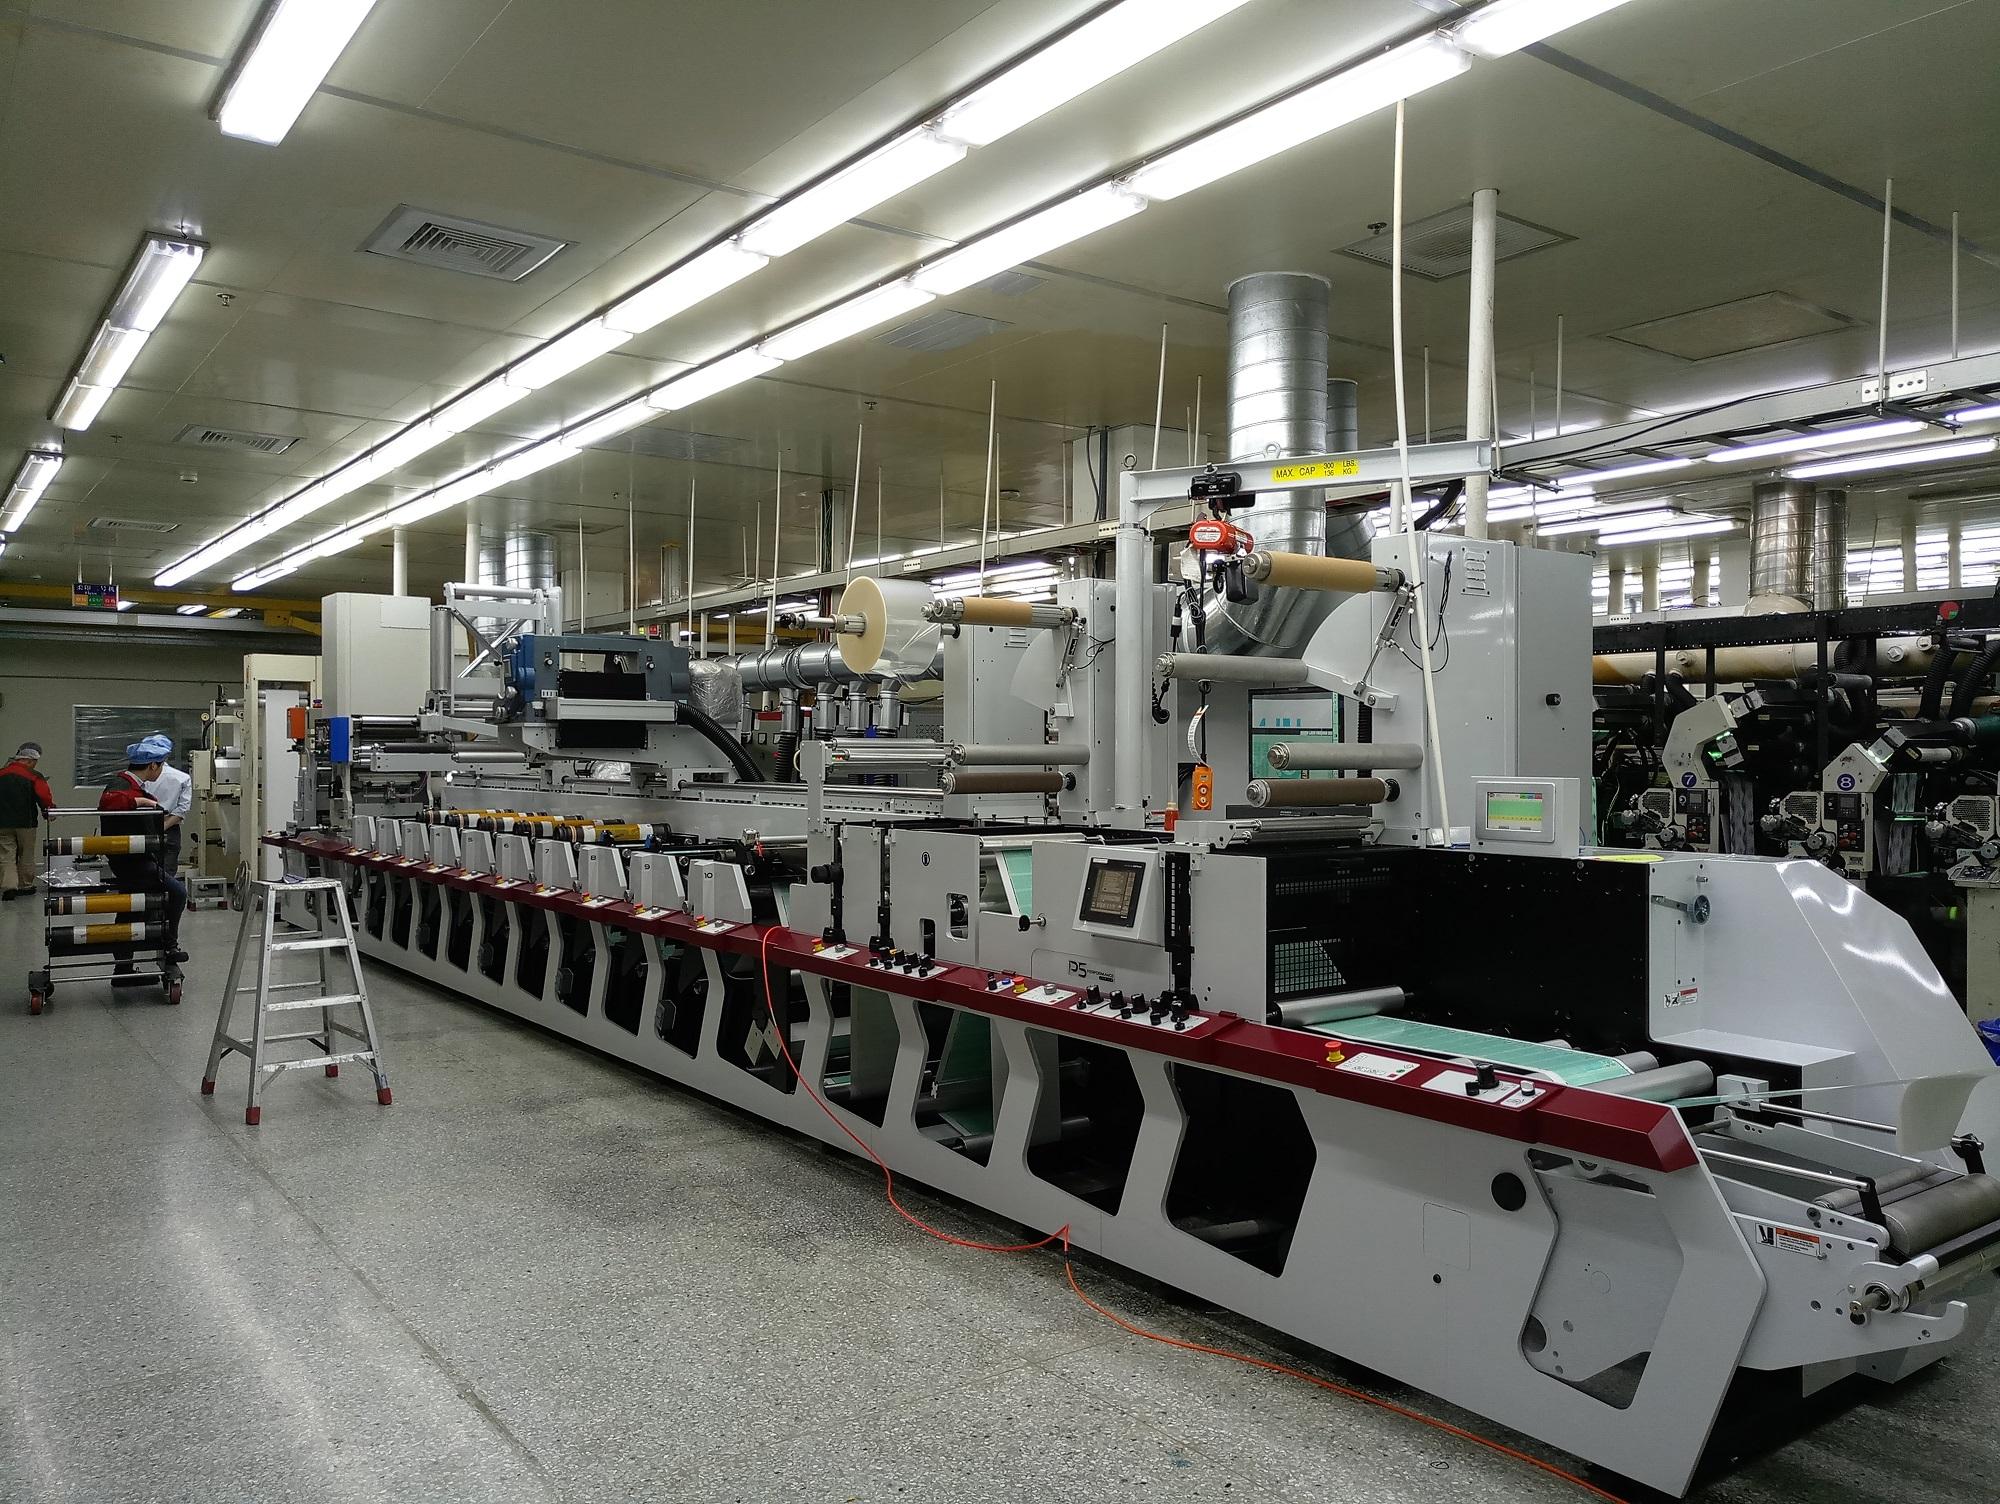 标签印刷设备制作快递包装袋的大市场